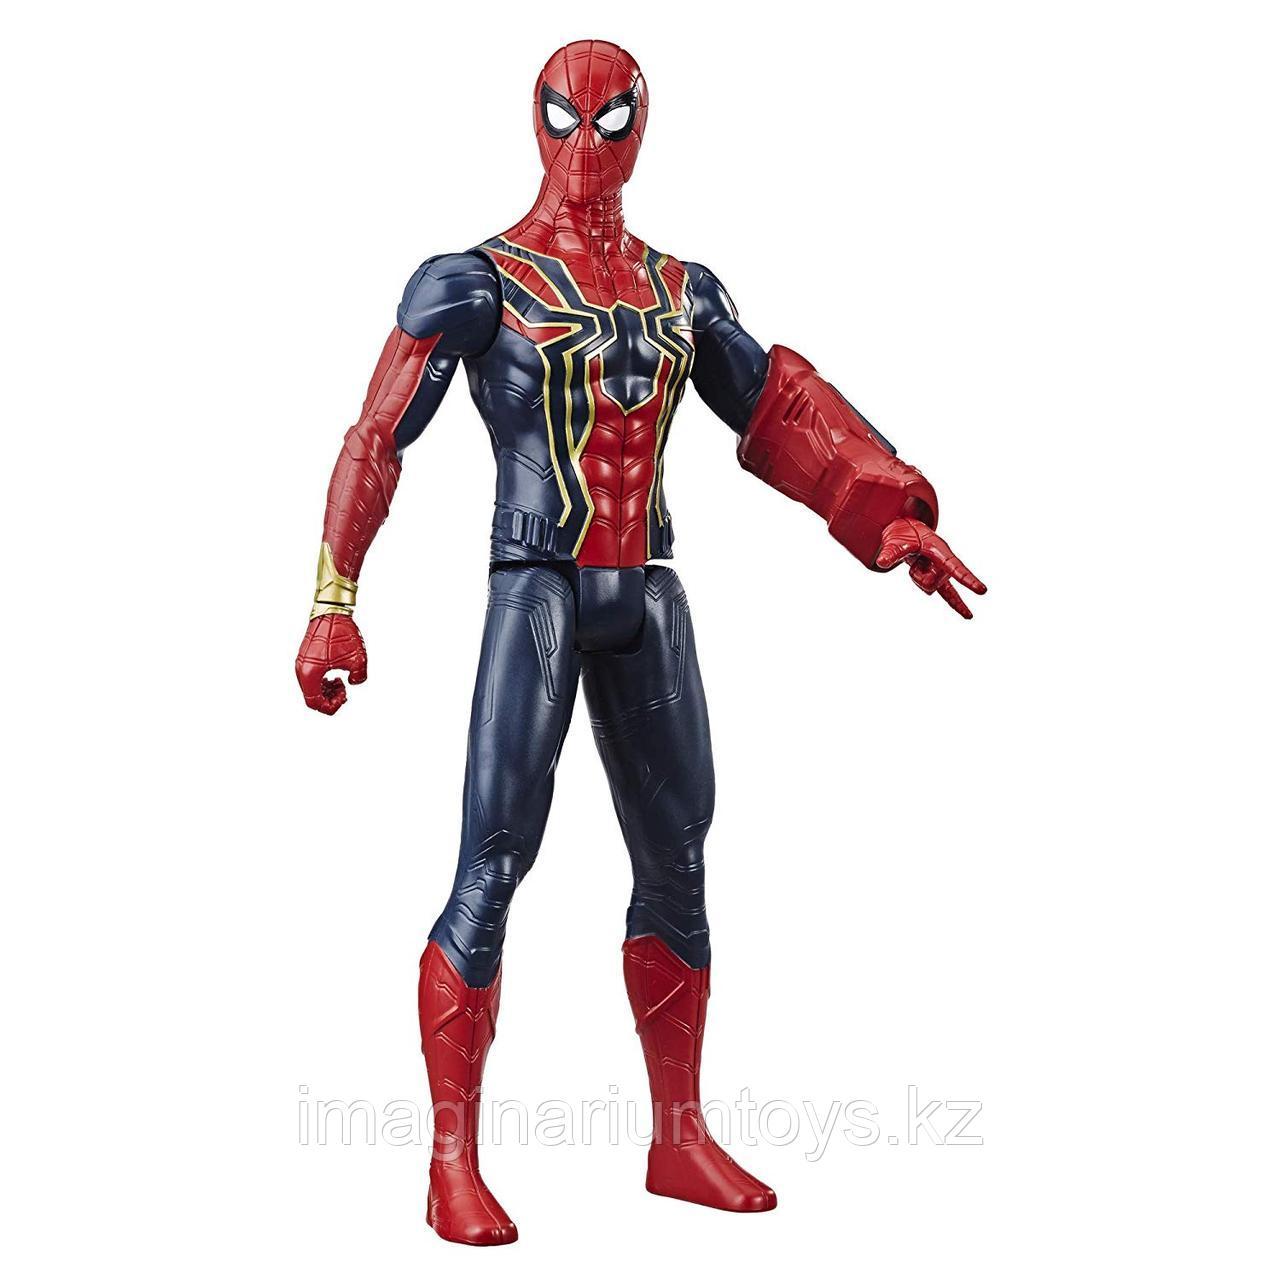 Игрушка «Человек-паук» Iron Spiderman 30 см